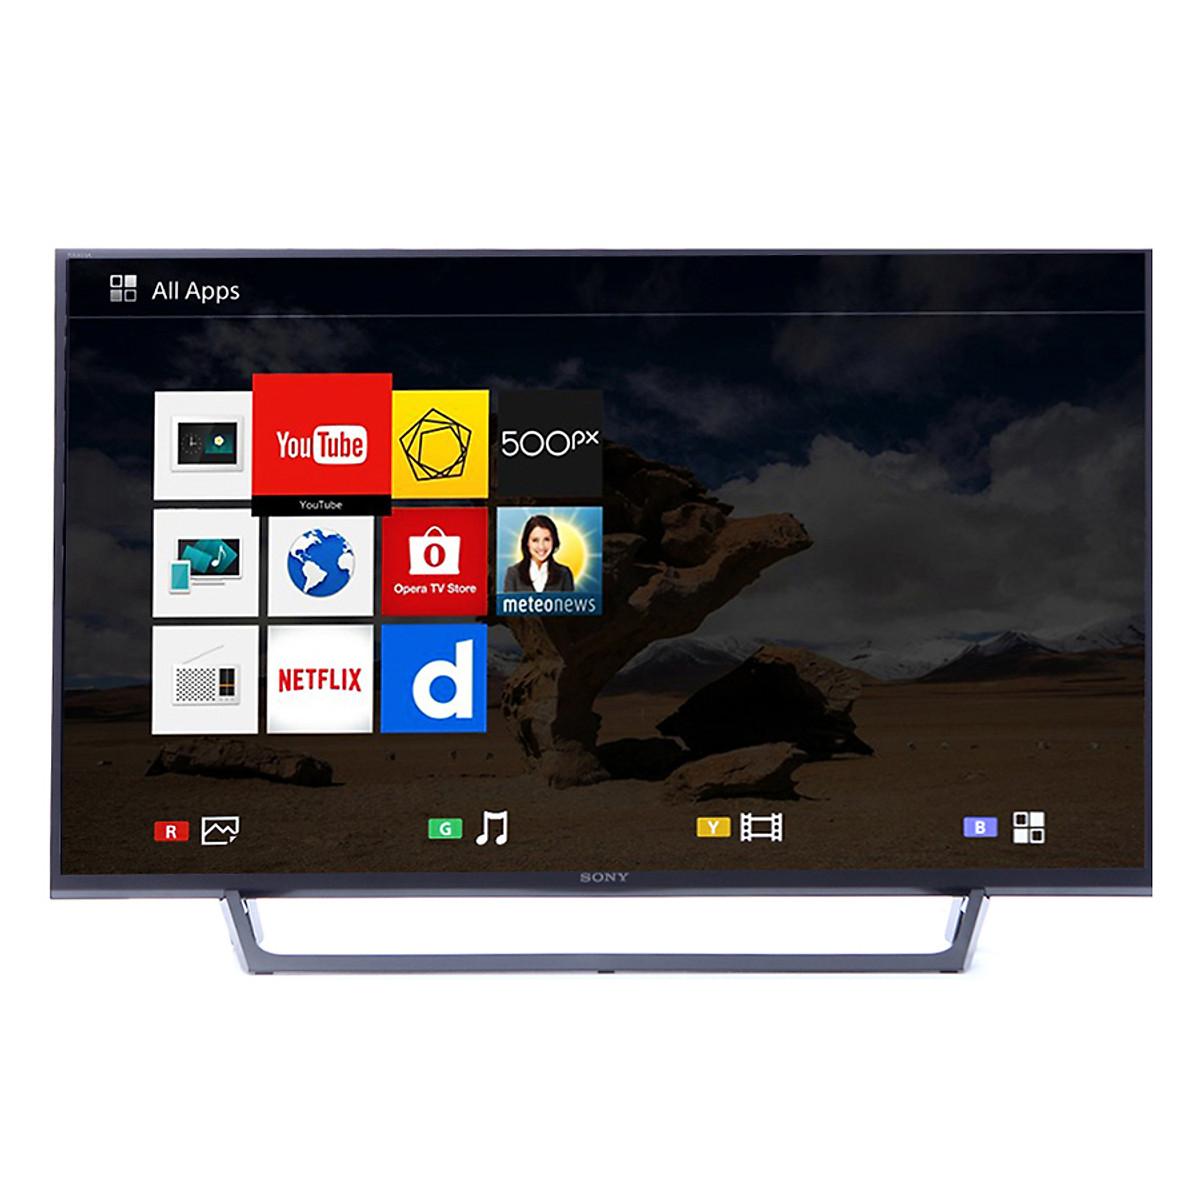 Tivi Sony Giá HOT - Các Model để bạn tham khảo - 5